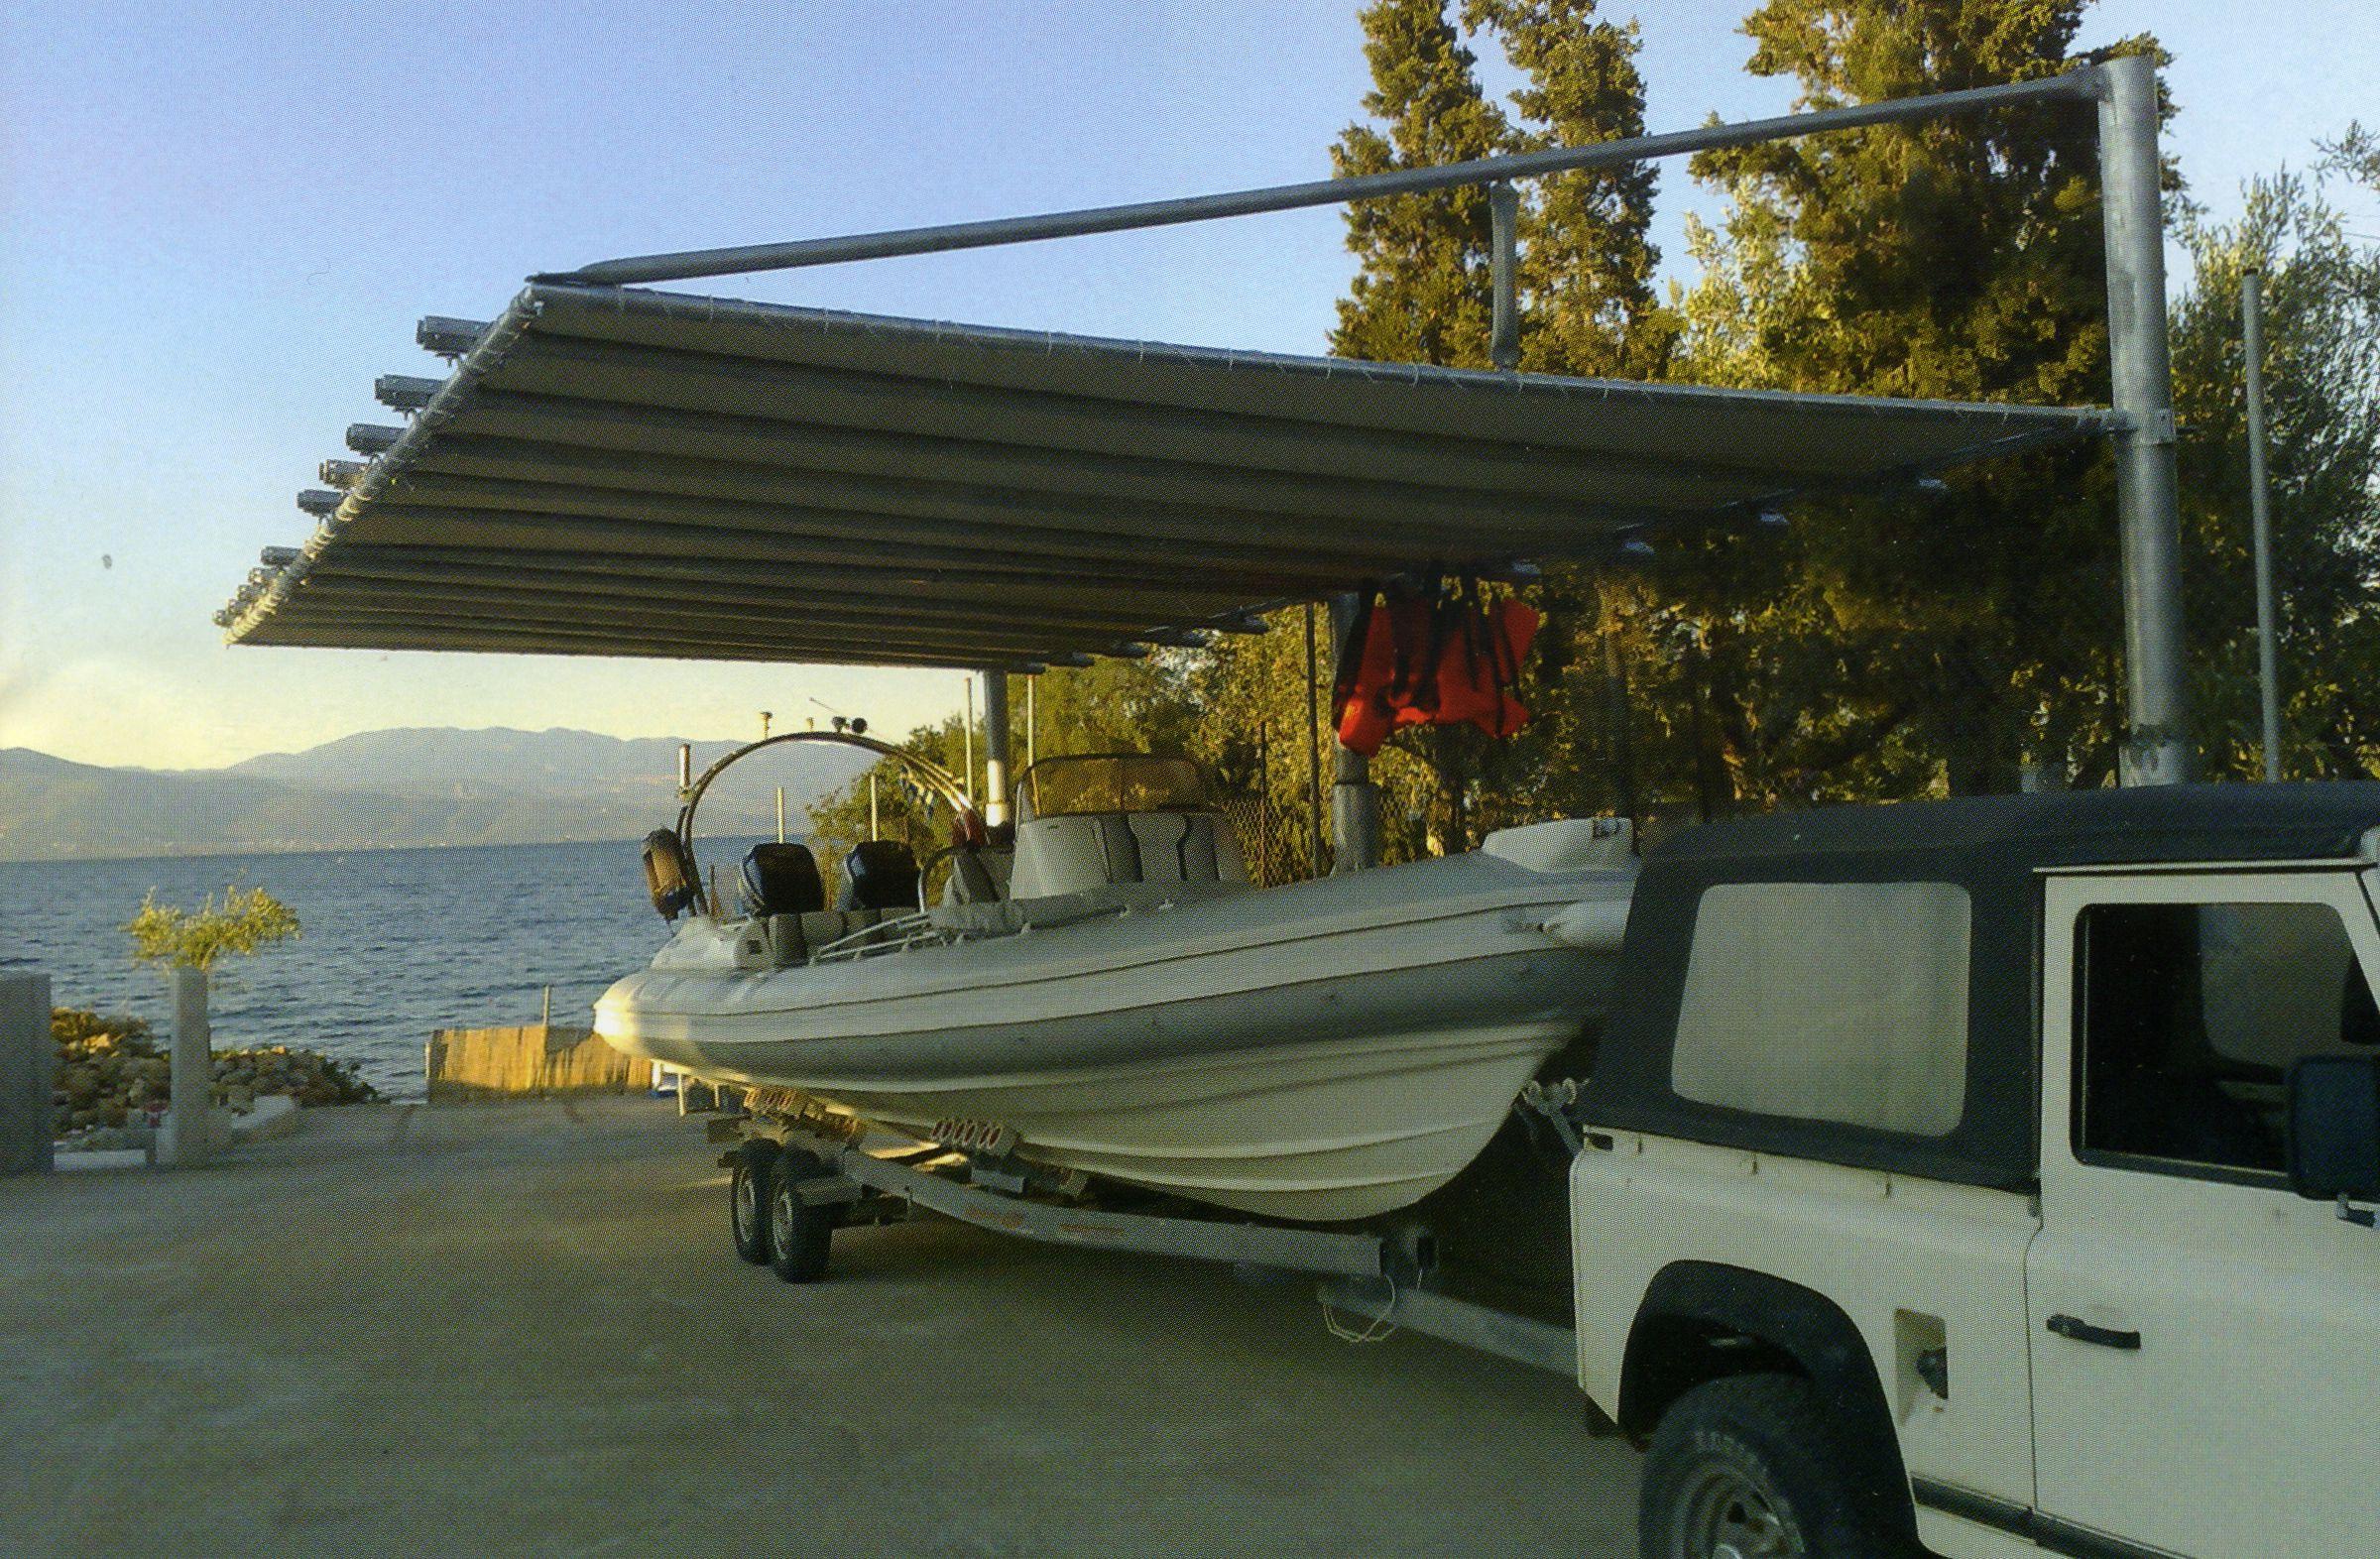 Carport Uberdachung Fur Boote Und Mehr Preis Auf Anfrage Carport Uberdachung Boot Speedboot Wohnmobil Sonnenschut Carport Uberdachung Carports Carport